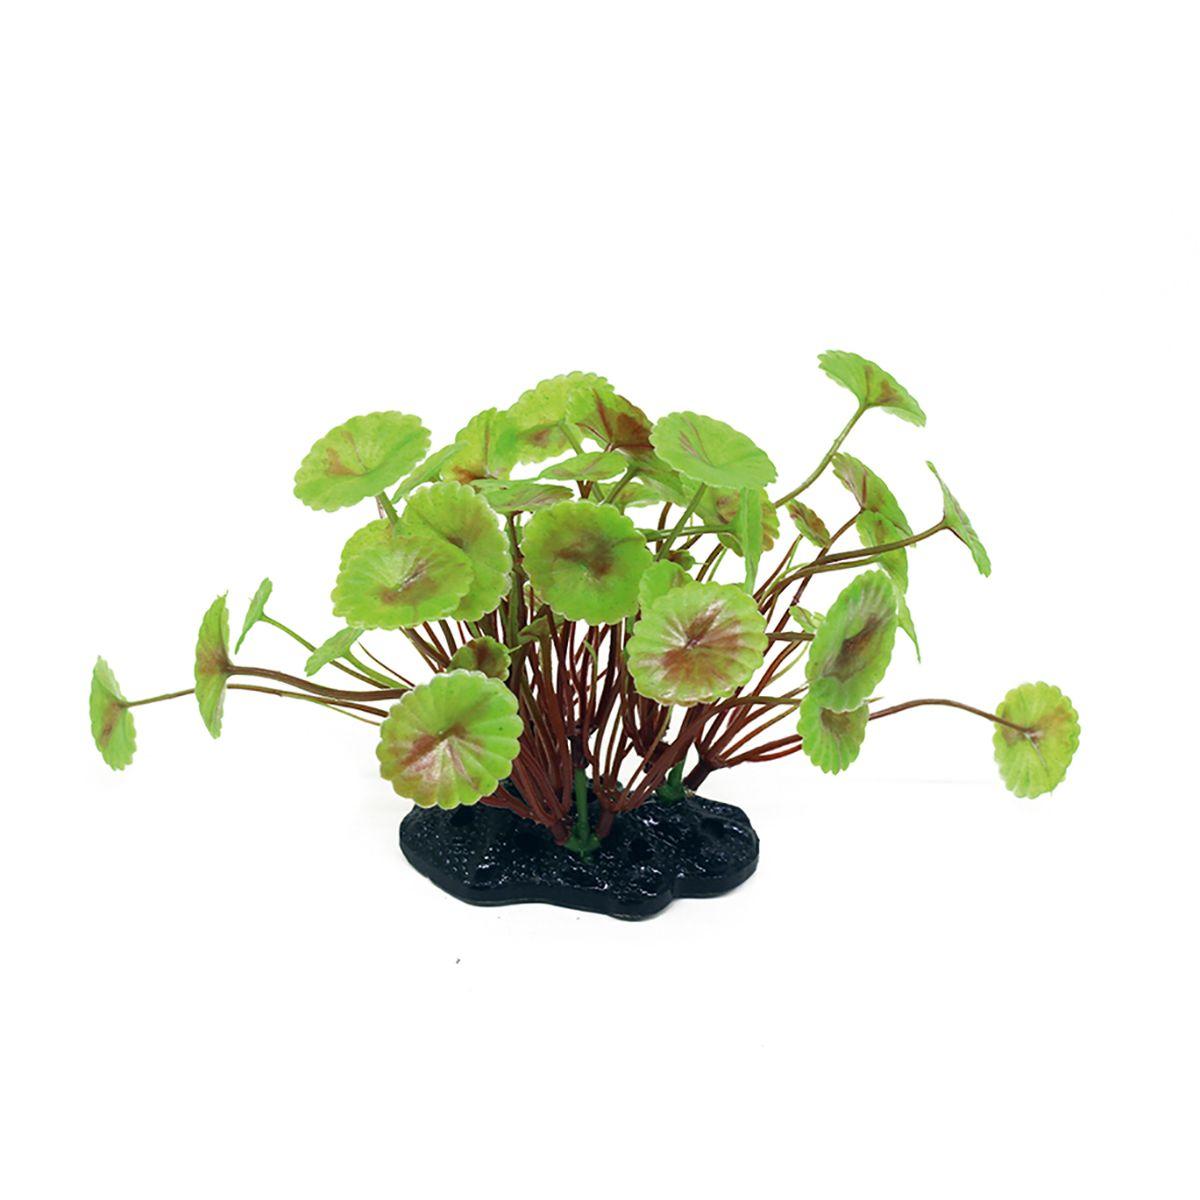 Растение для аквариума ArtUniq Щитолистник вертикальный, высота 10-12 смART-1192122Растение для аквариума ArtUniq Щитолистник вертикальный, высота 10-12 см